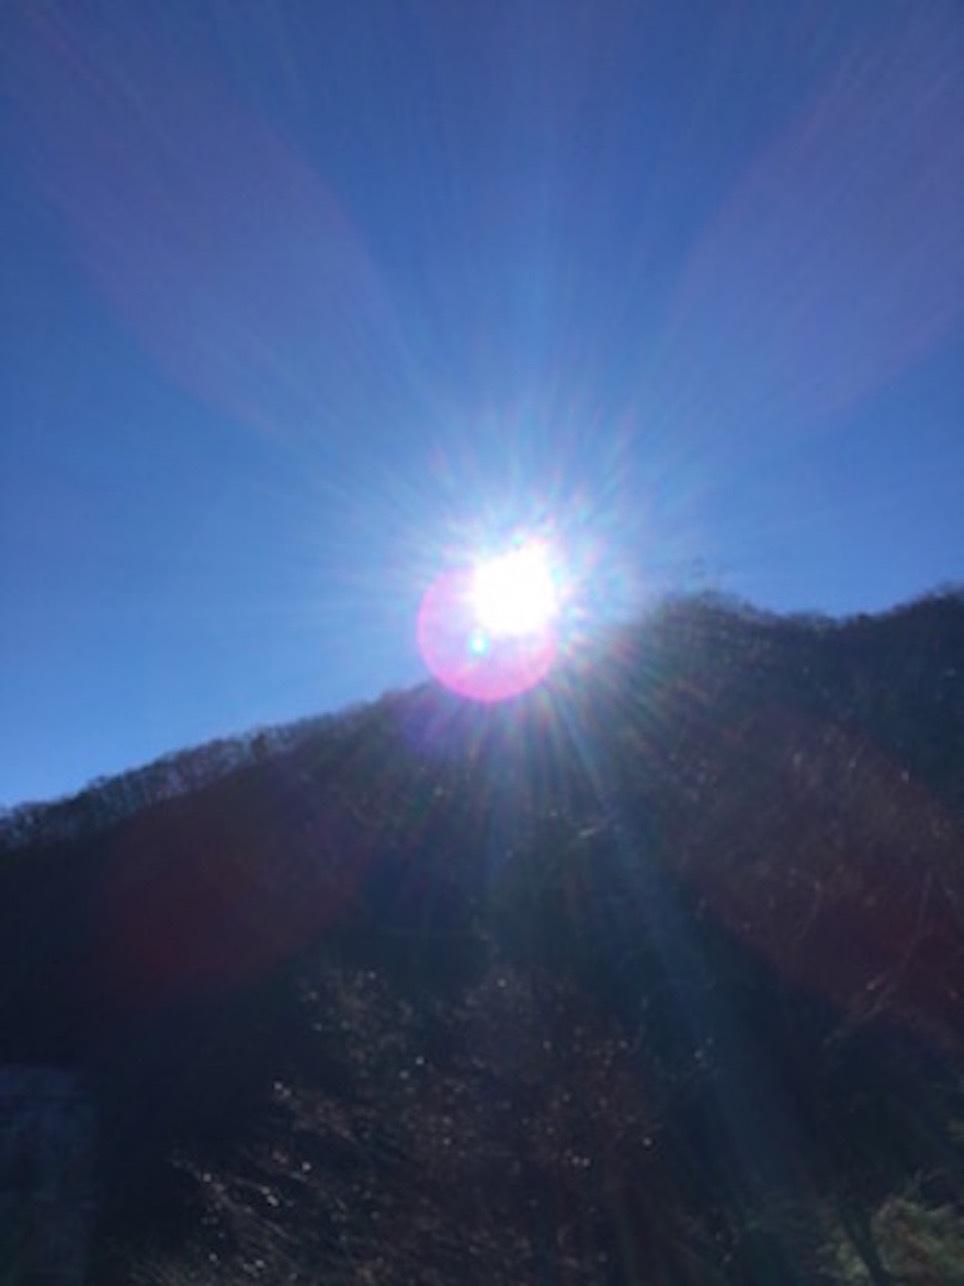 スピリチャルカウンセラー ホワイトクロウのワンネス日記 ☆ありがとう☆は、優雅に受信するエネルギー☆_a0110270_13571711.jpg